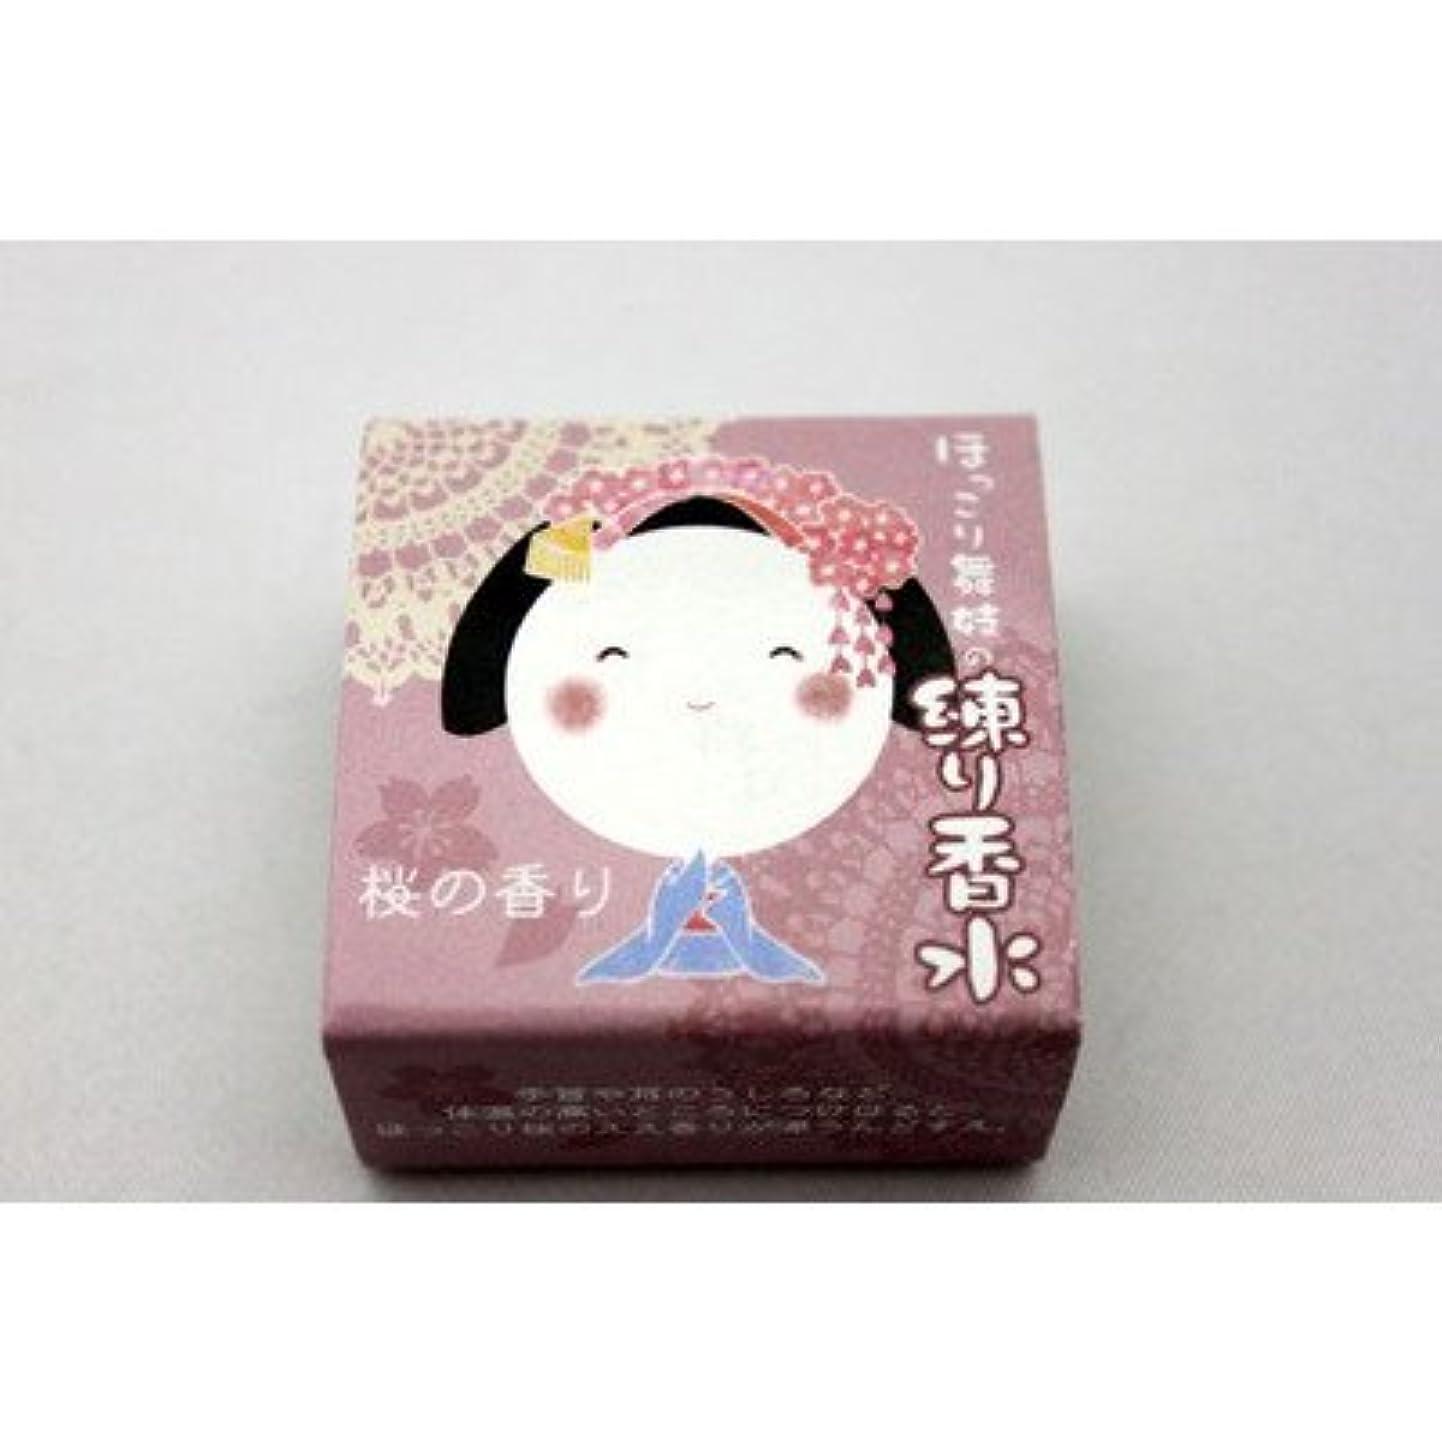 つぶす偏見テナント練り香水 桜の香り ほっこり舞妓 京都 ほっこりさん